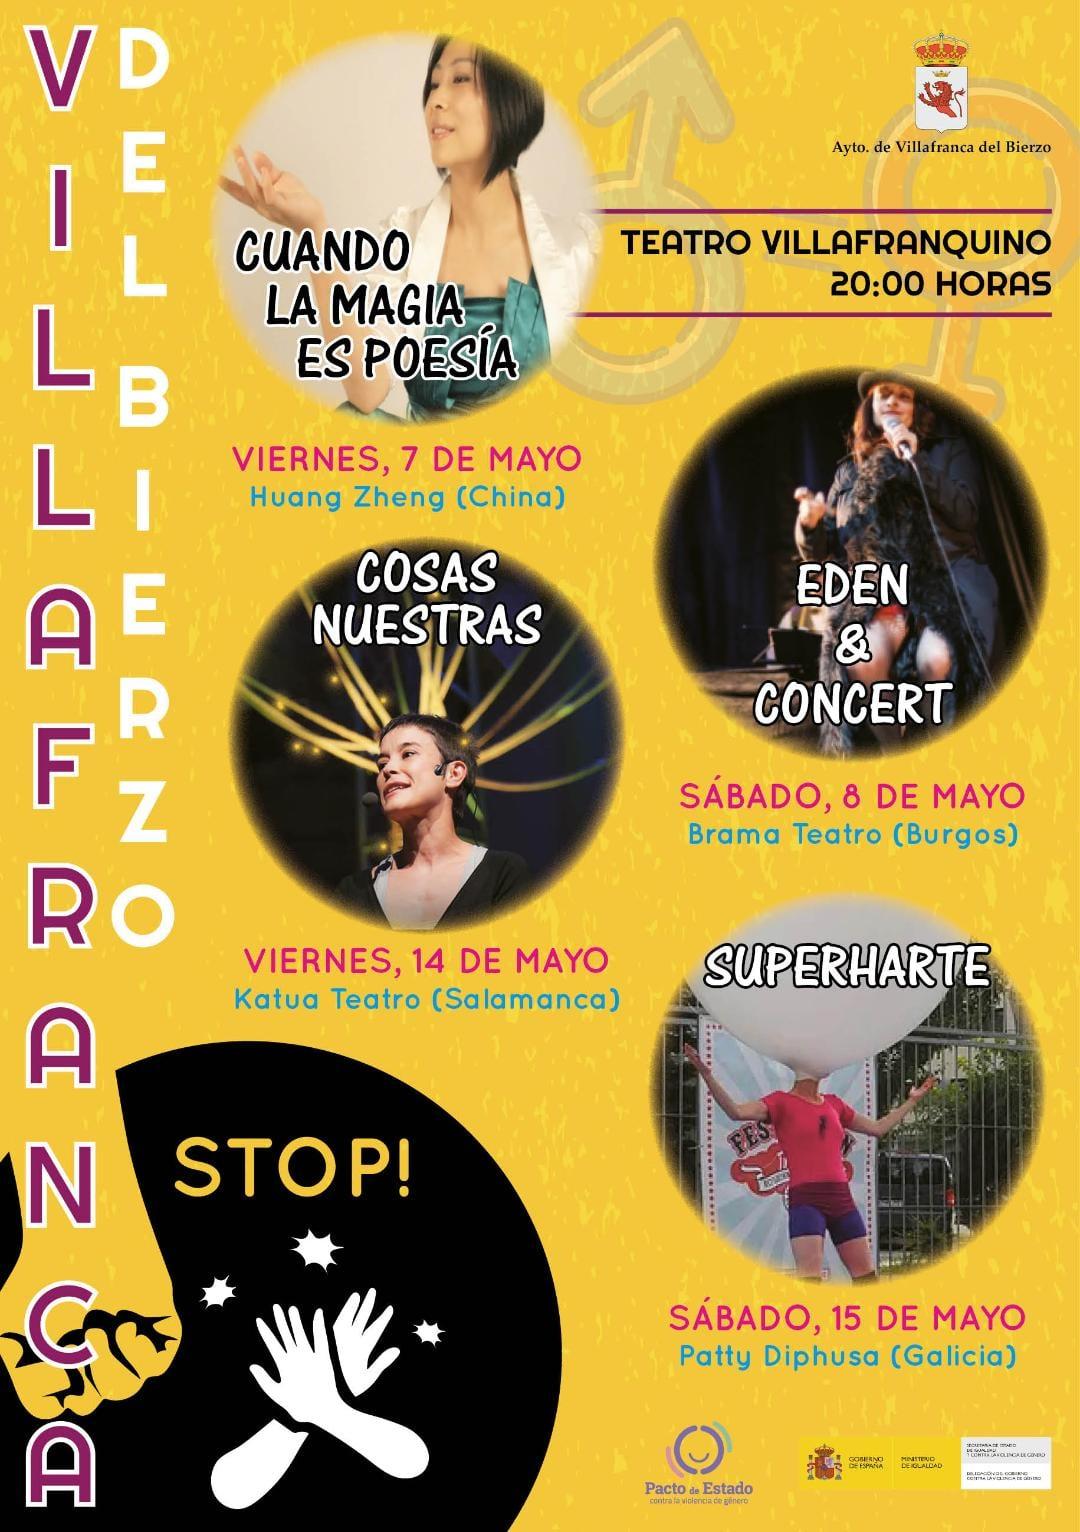 Villafranca organiza en el Villafranquino un ciclo de Teatro contra la violencia de género 1